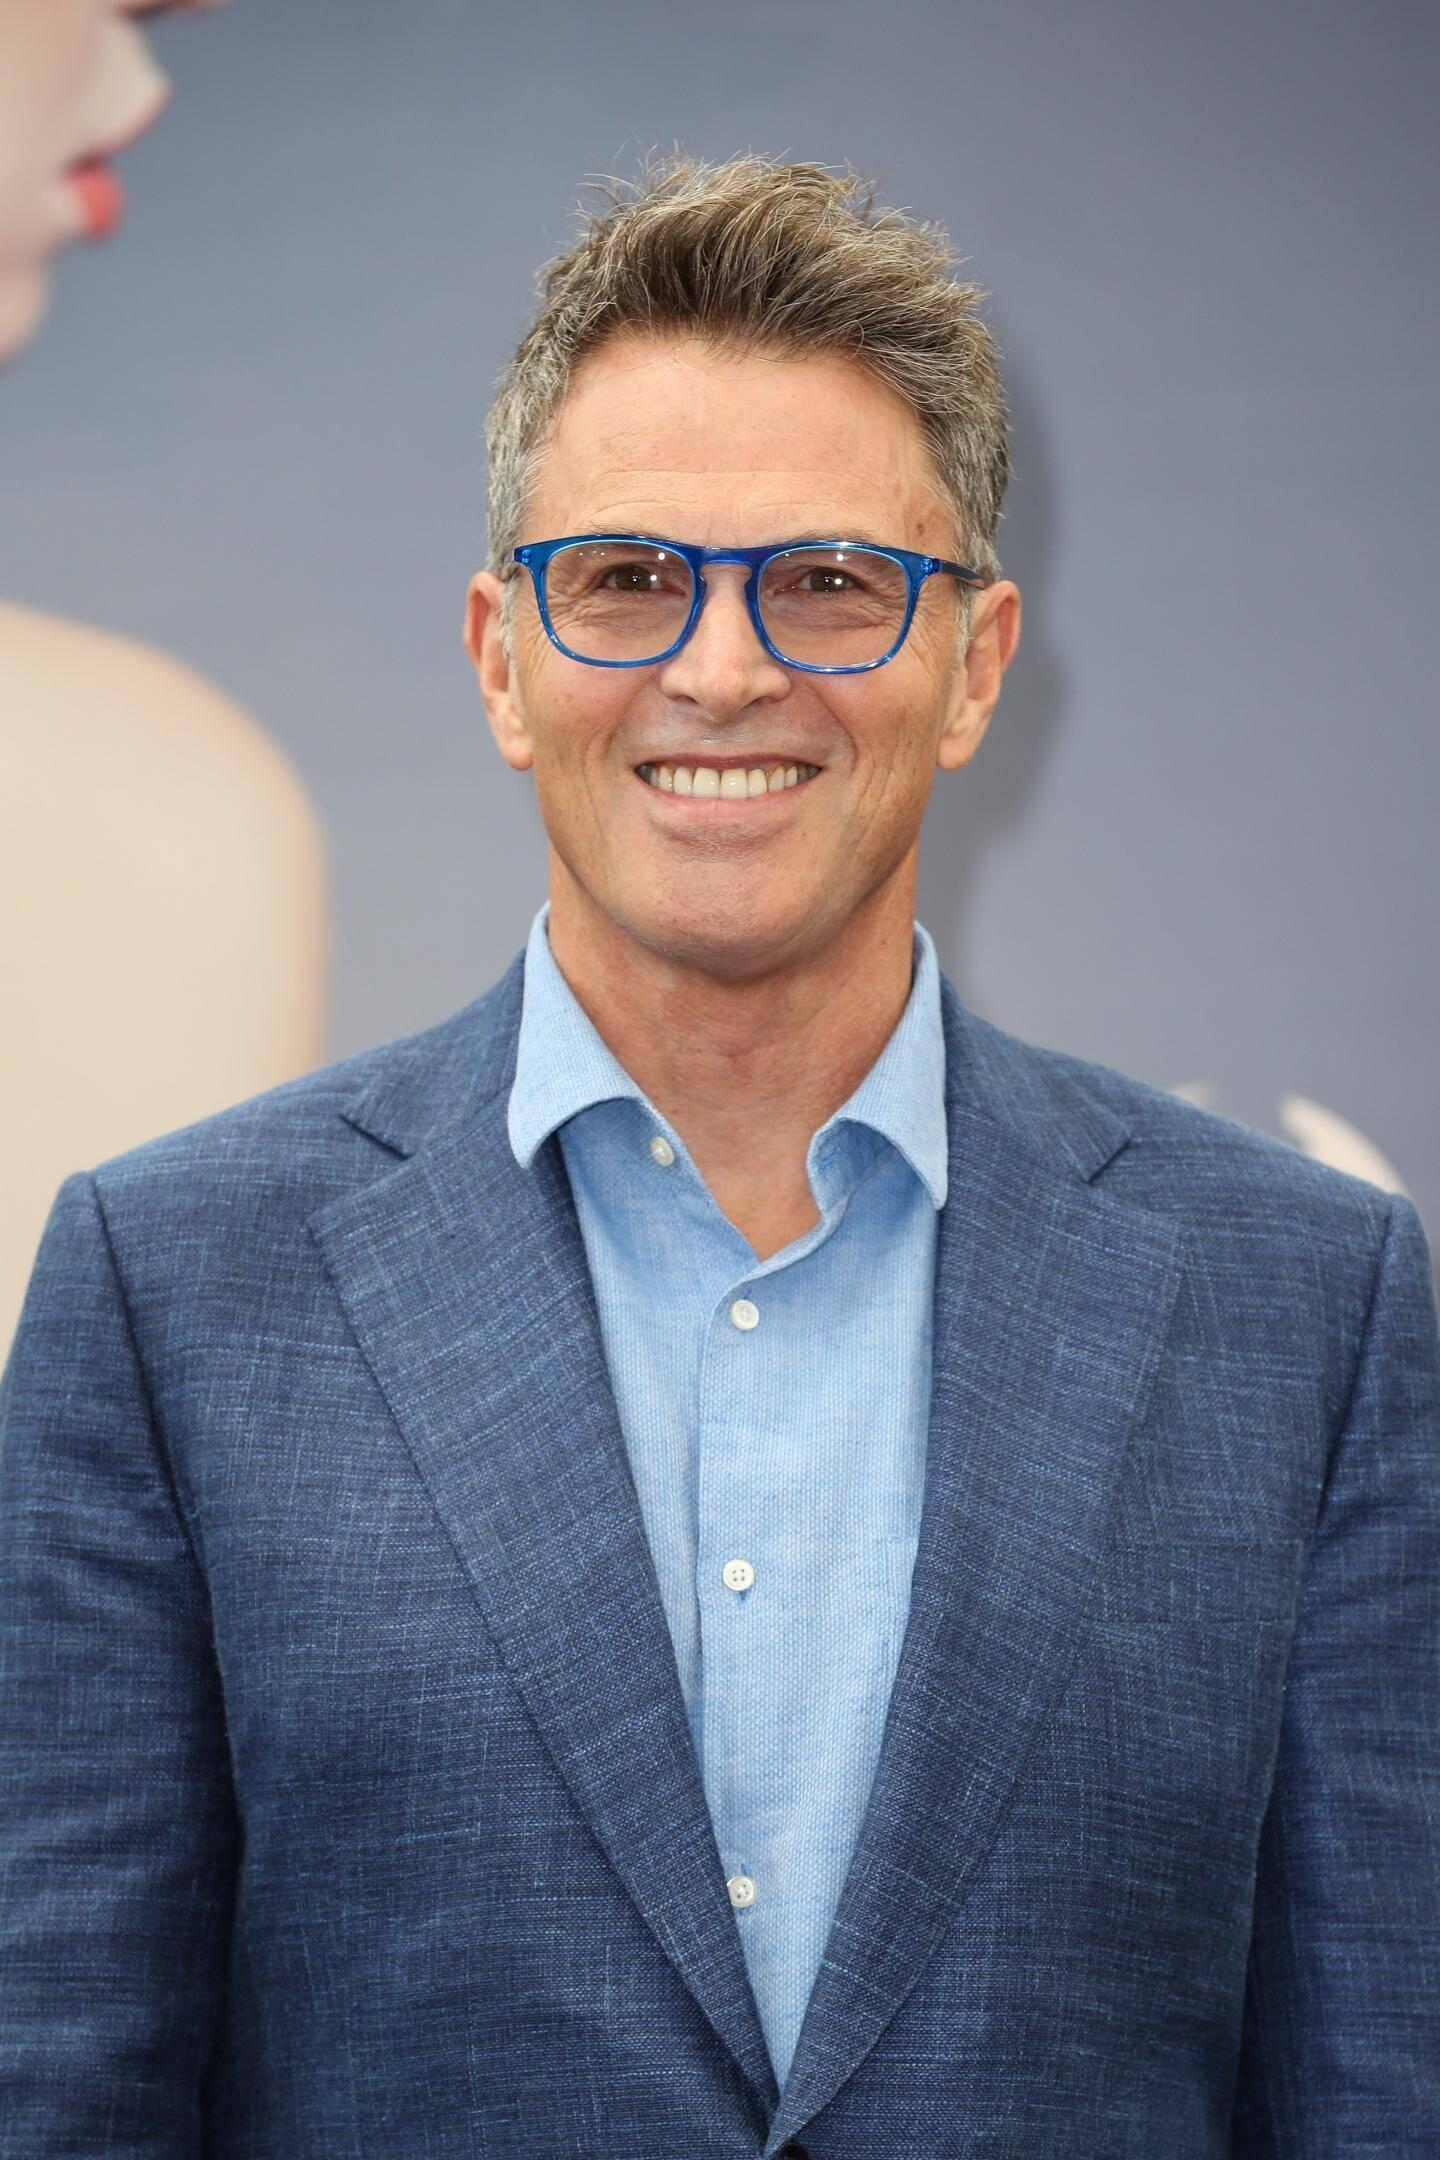 Le comédien a participé plusieurs fois au Festival de télévision de Monte-Carlo.